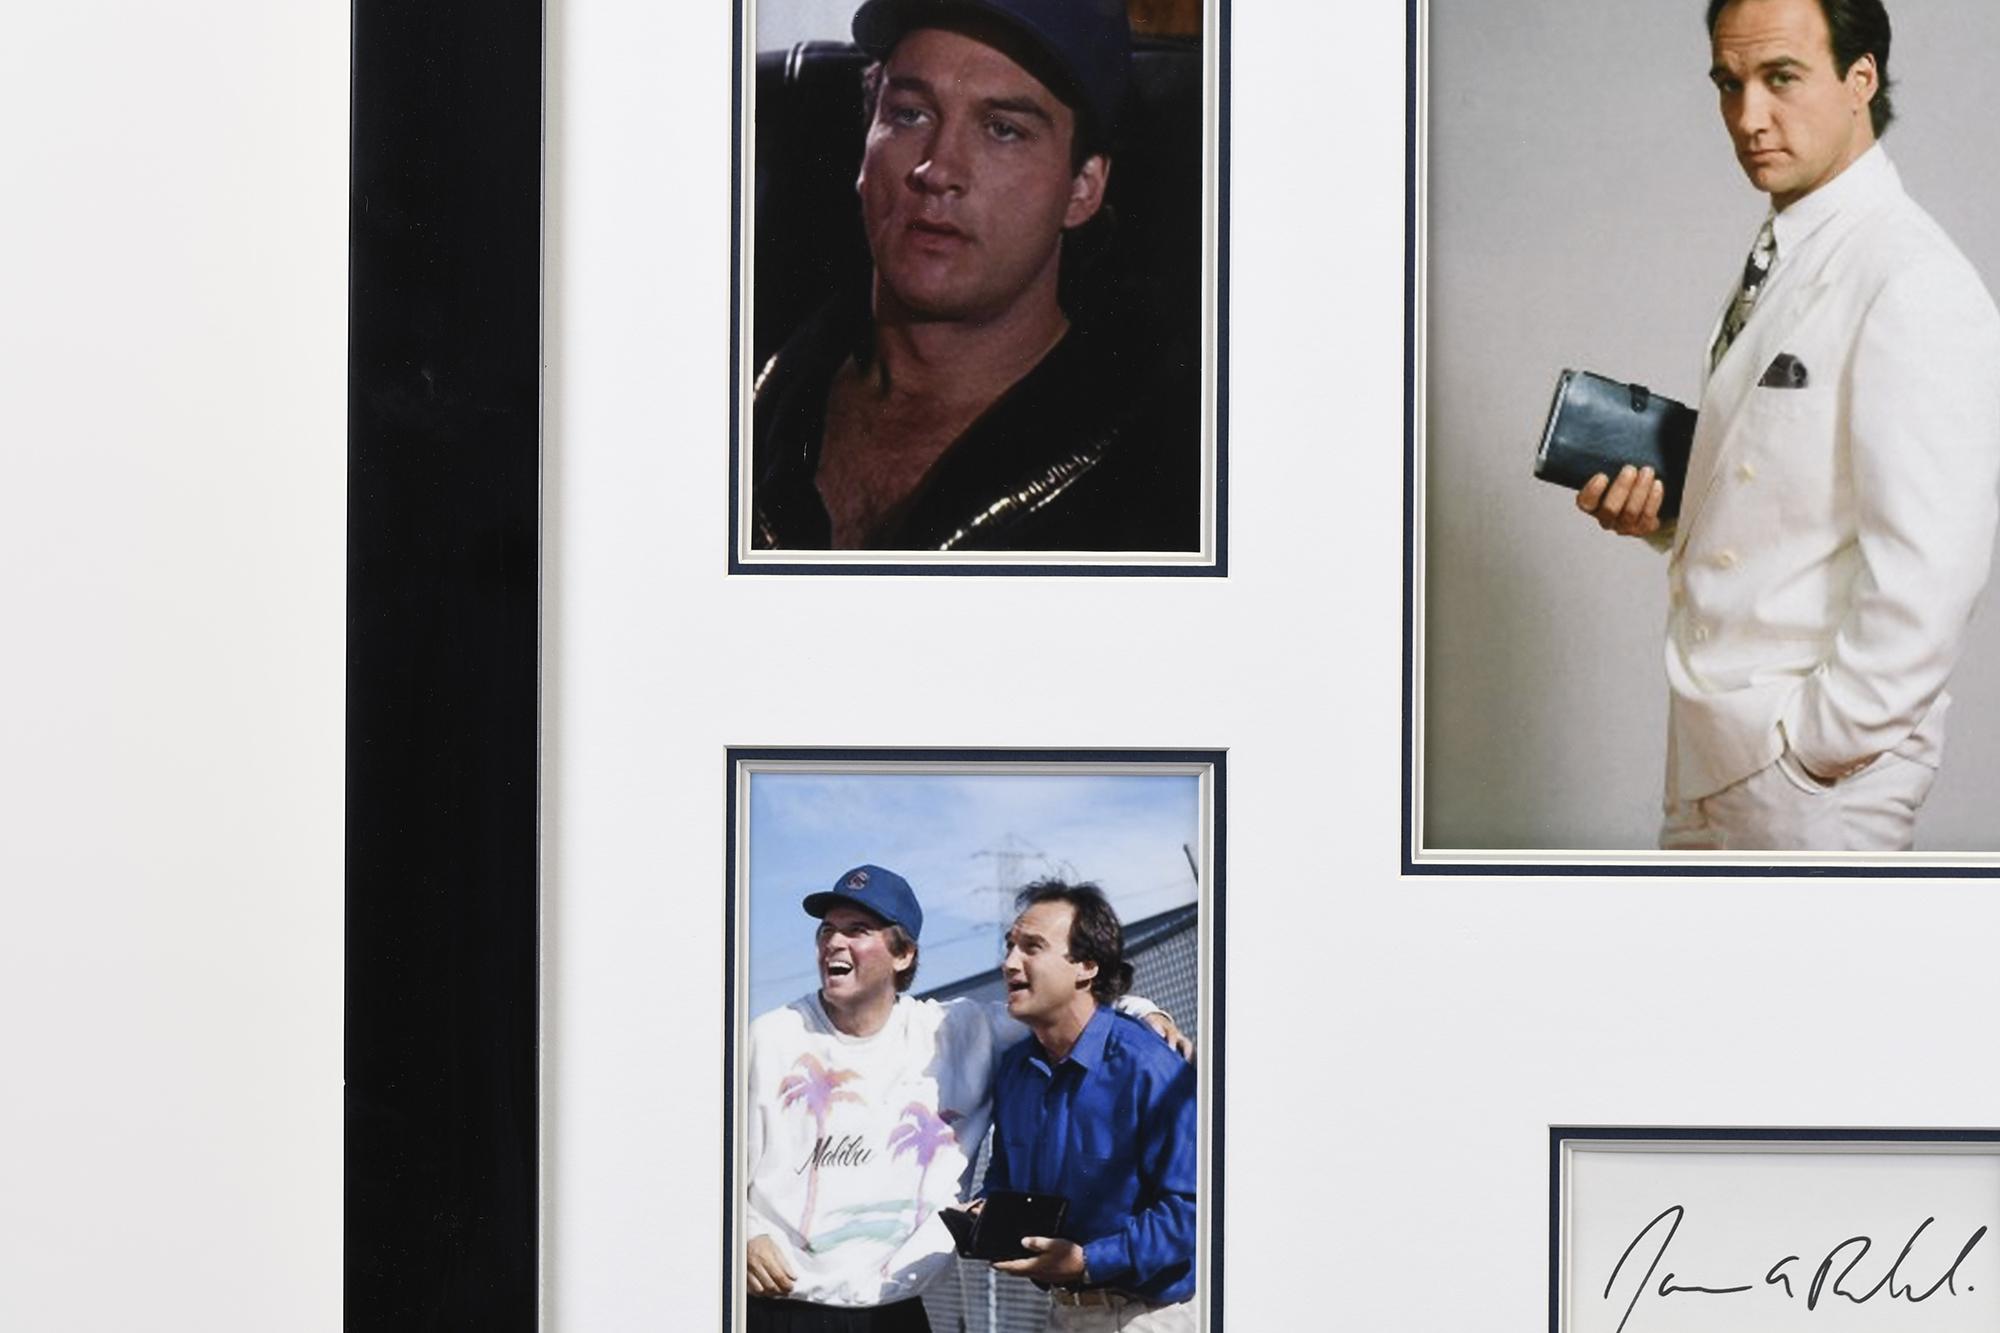 James Belushi Framed Presentation - Image 5 of 6